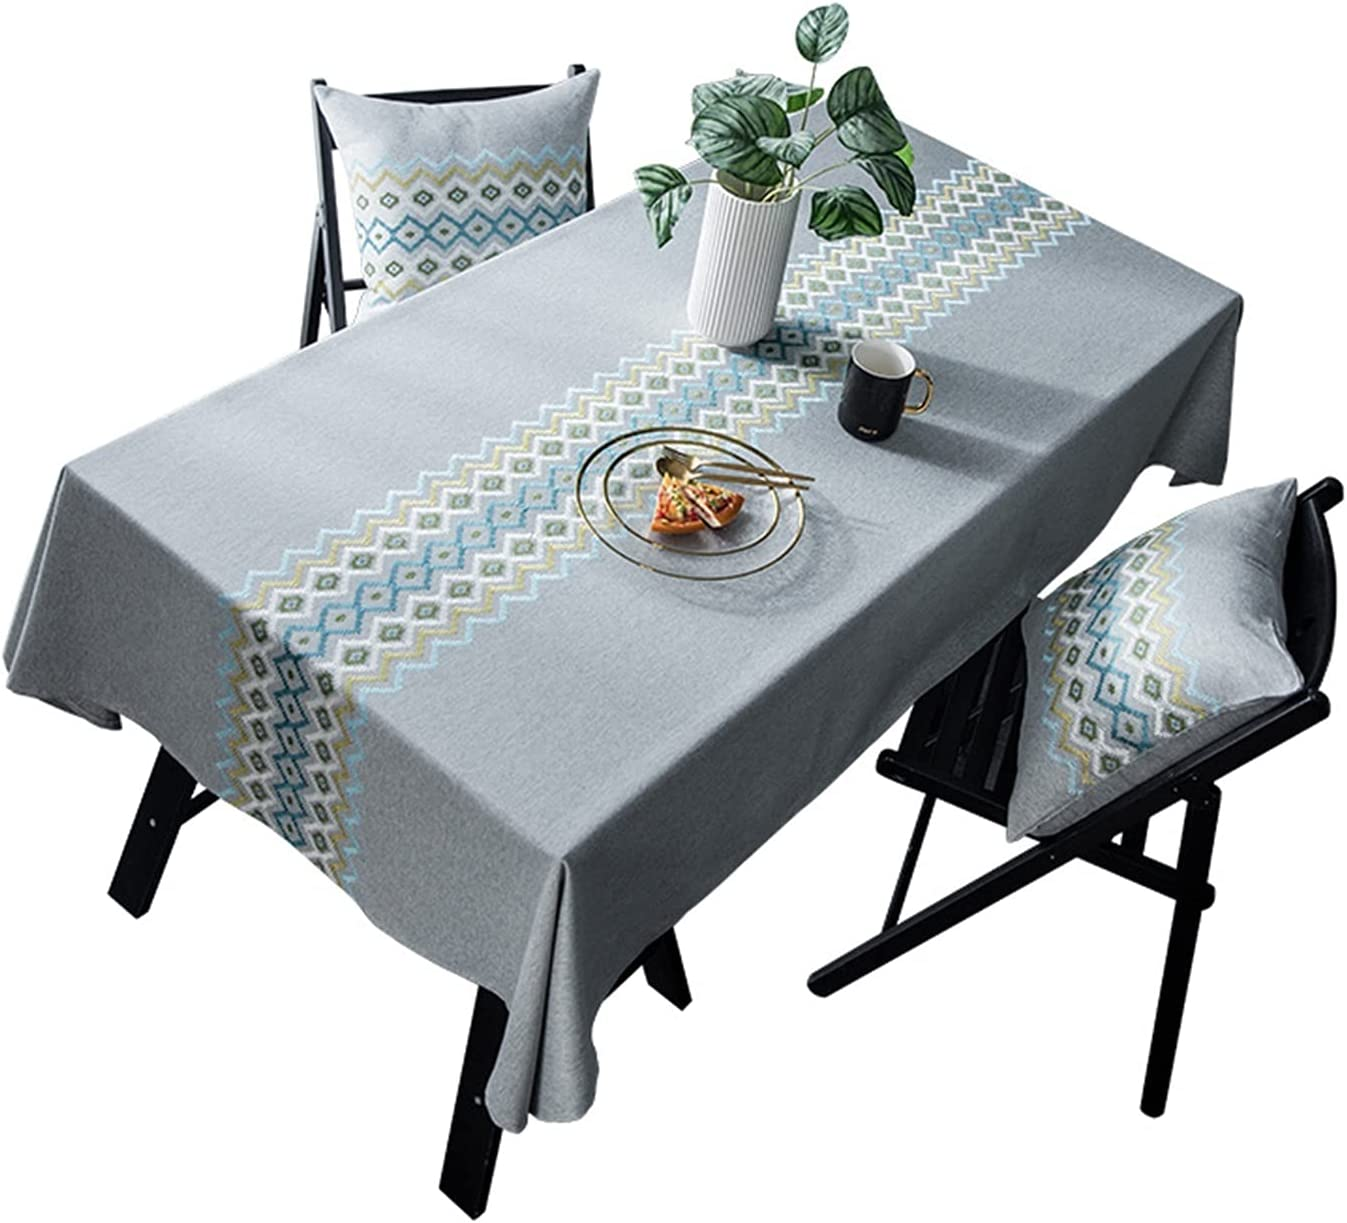 XINGTAO Tablecloth Flower Memphis Mall Special Campaign Designs Tablecl Solid Decorative Linen